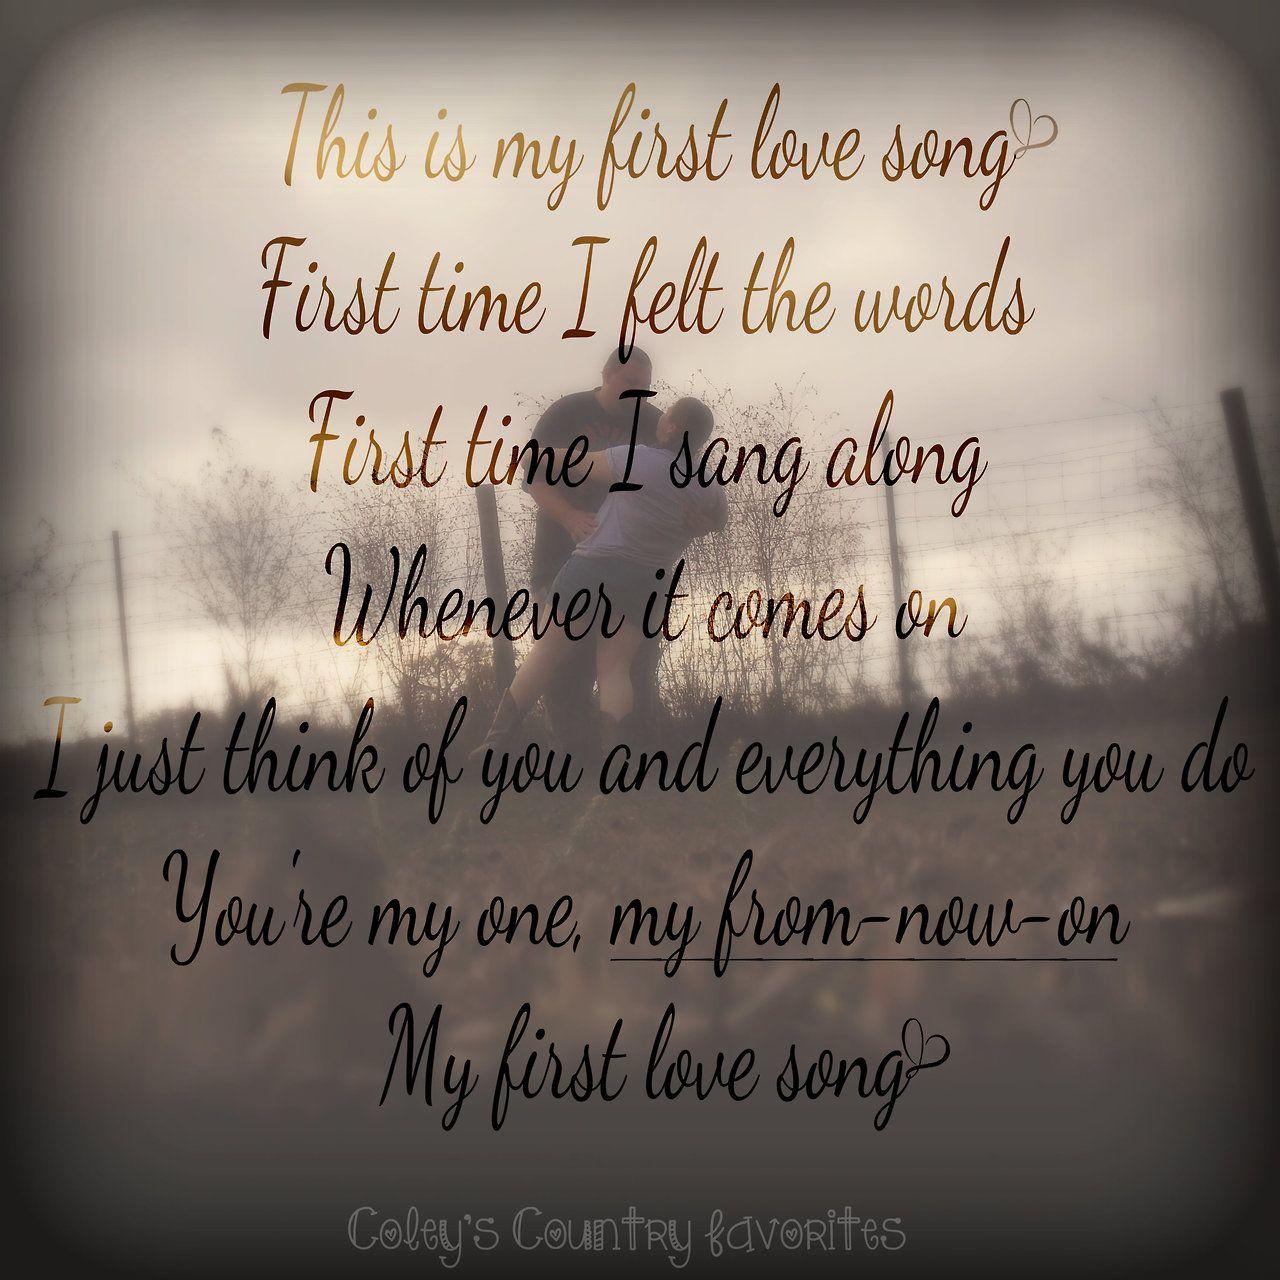 私の最初の愛の歌詞